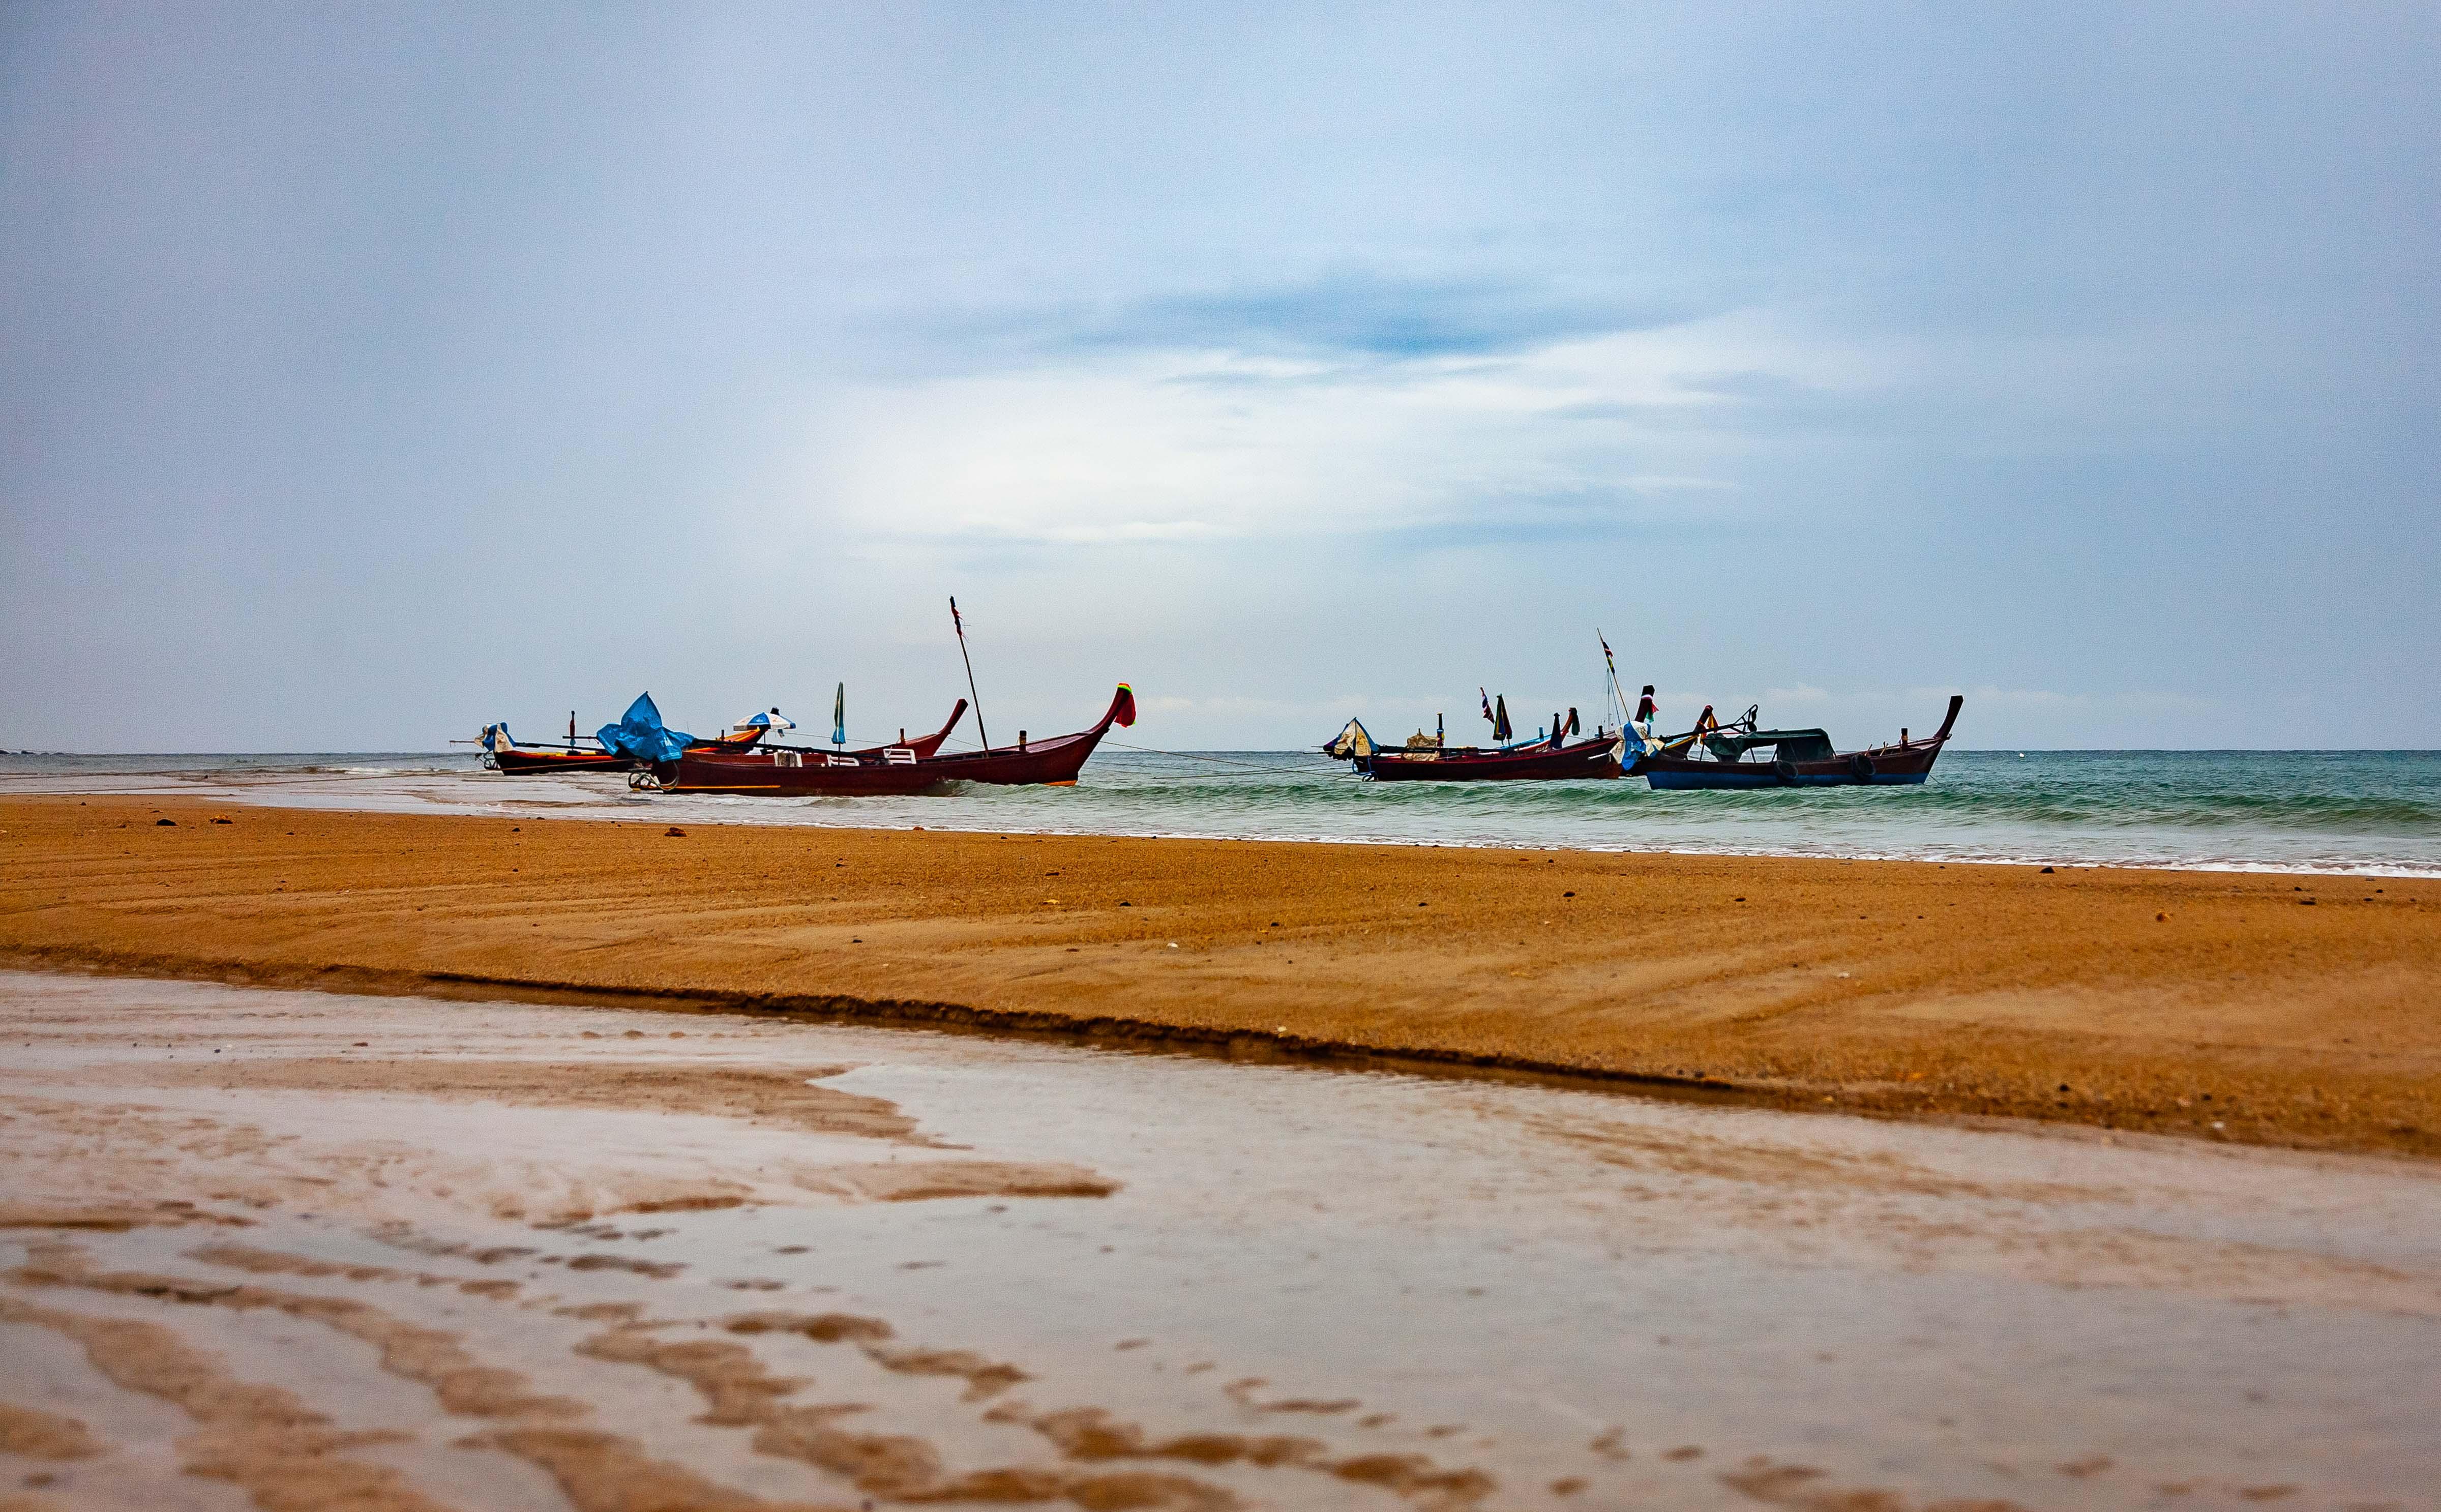 Thailand, Phuket Prov, Boats, 2008, IMG 2463